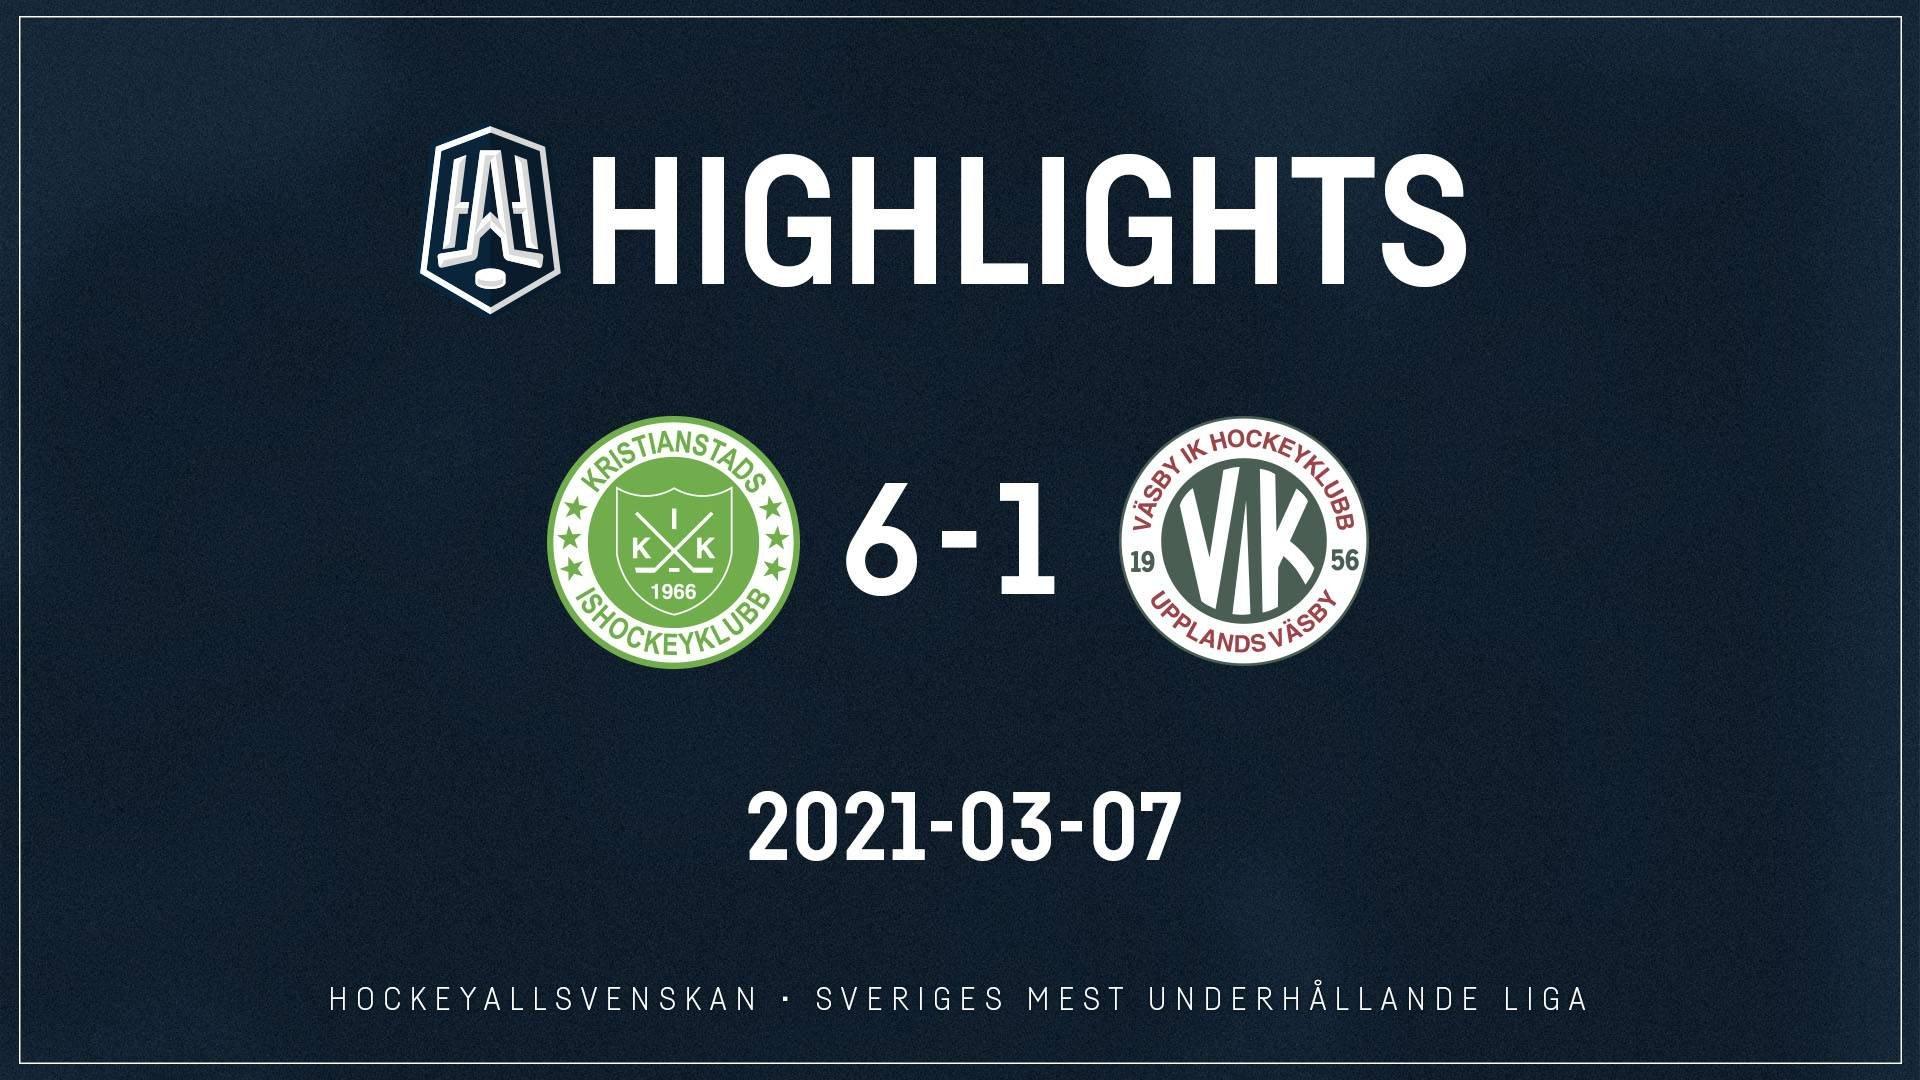 2021-03-07 Kristianstad - Väsby 6-1